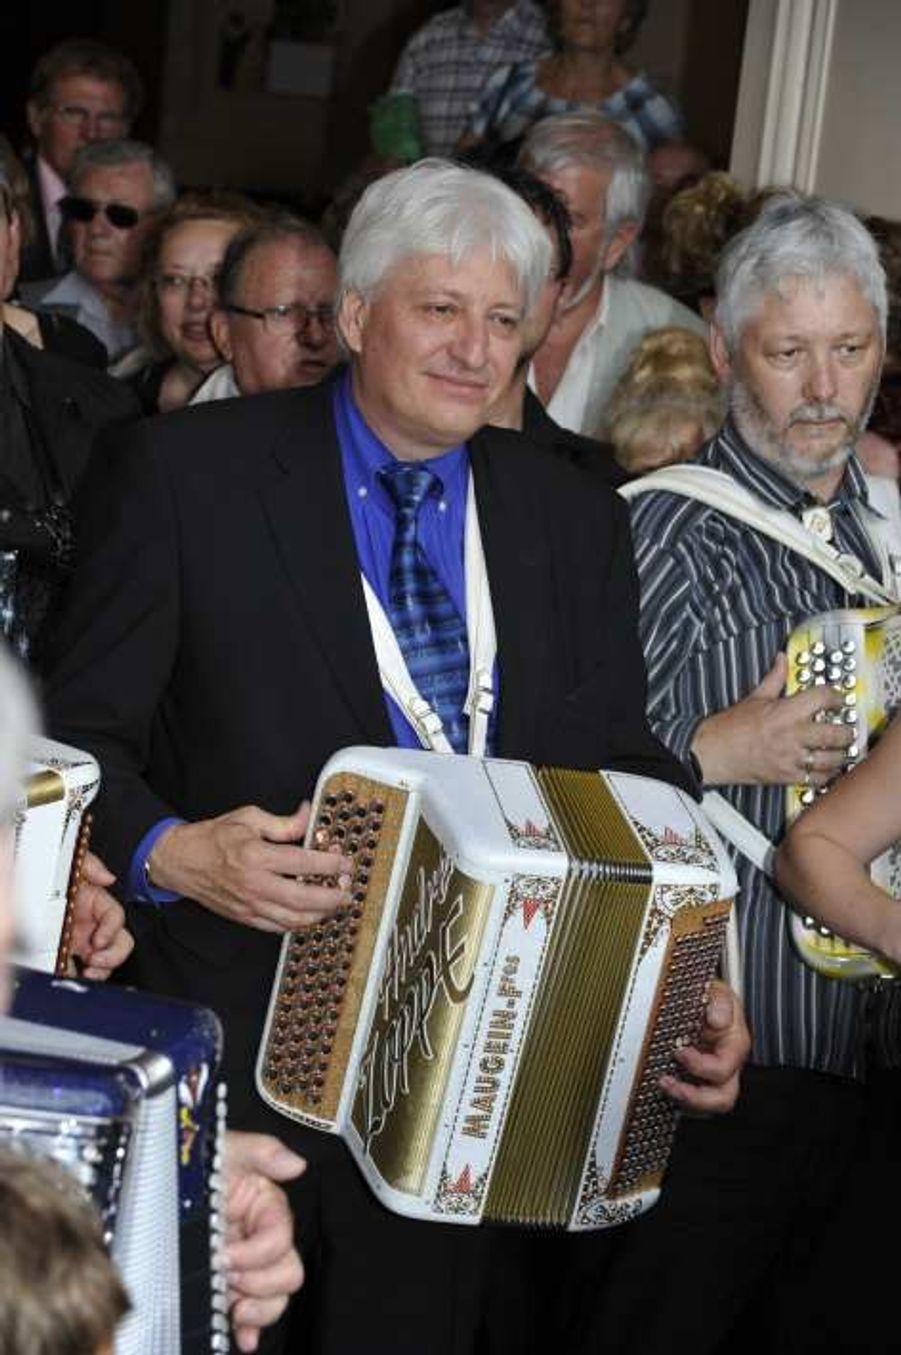 Le dernier hommage, en musique, à André Verchuren